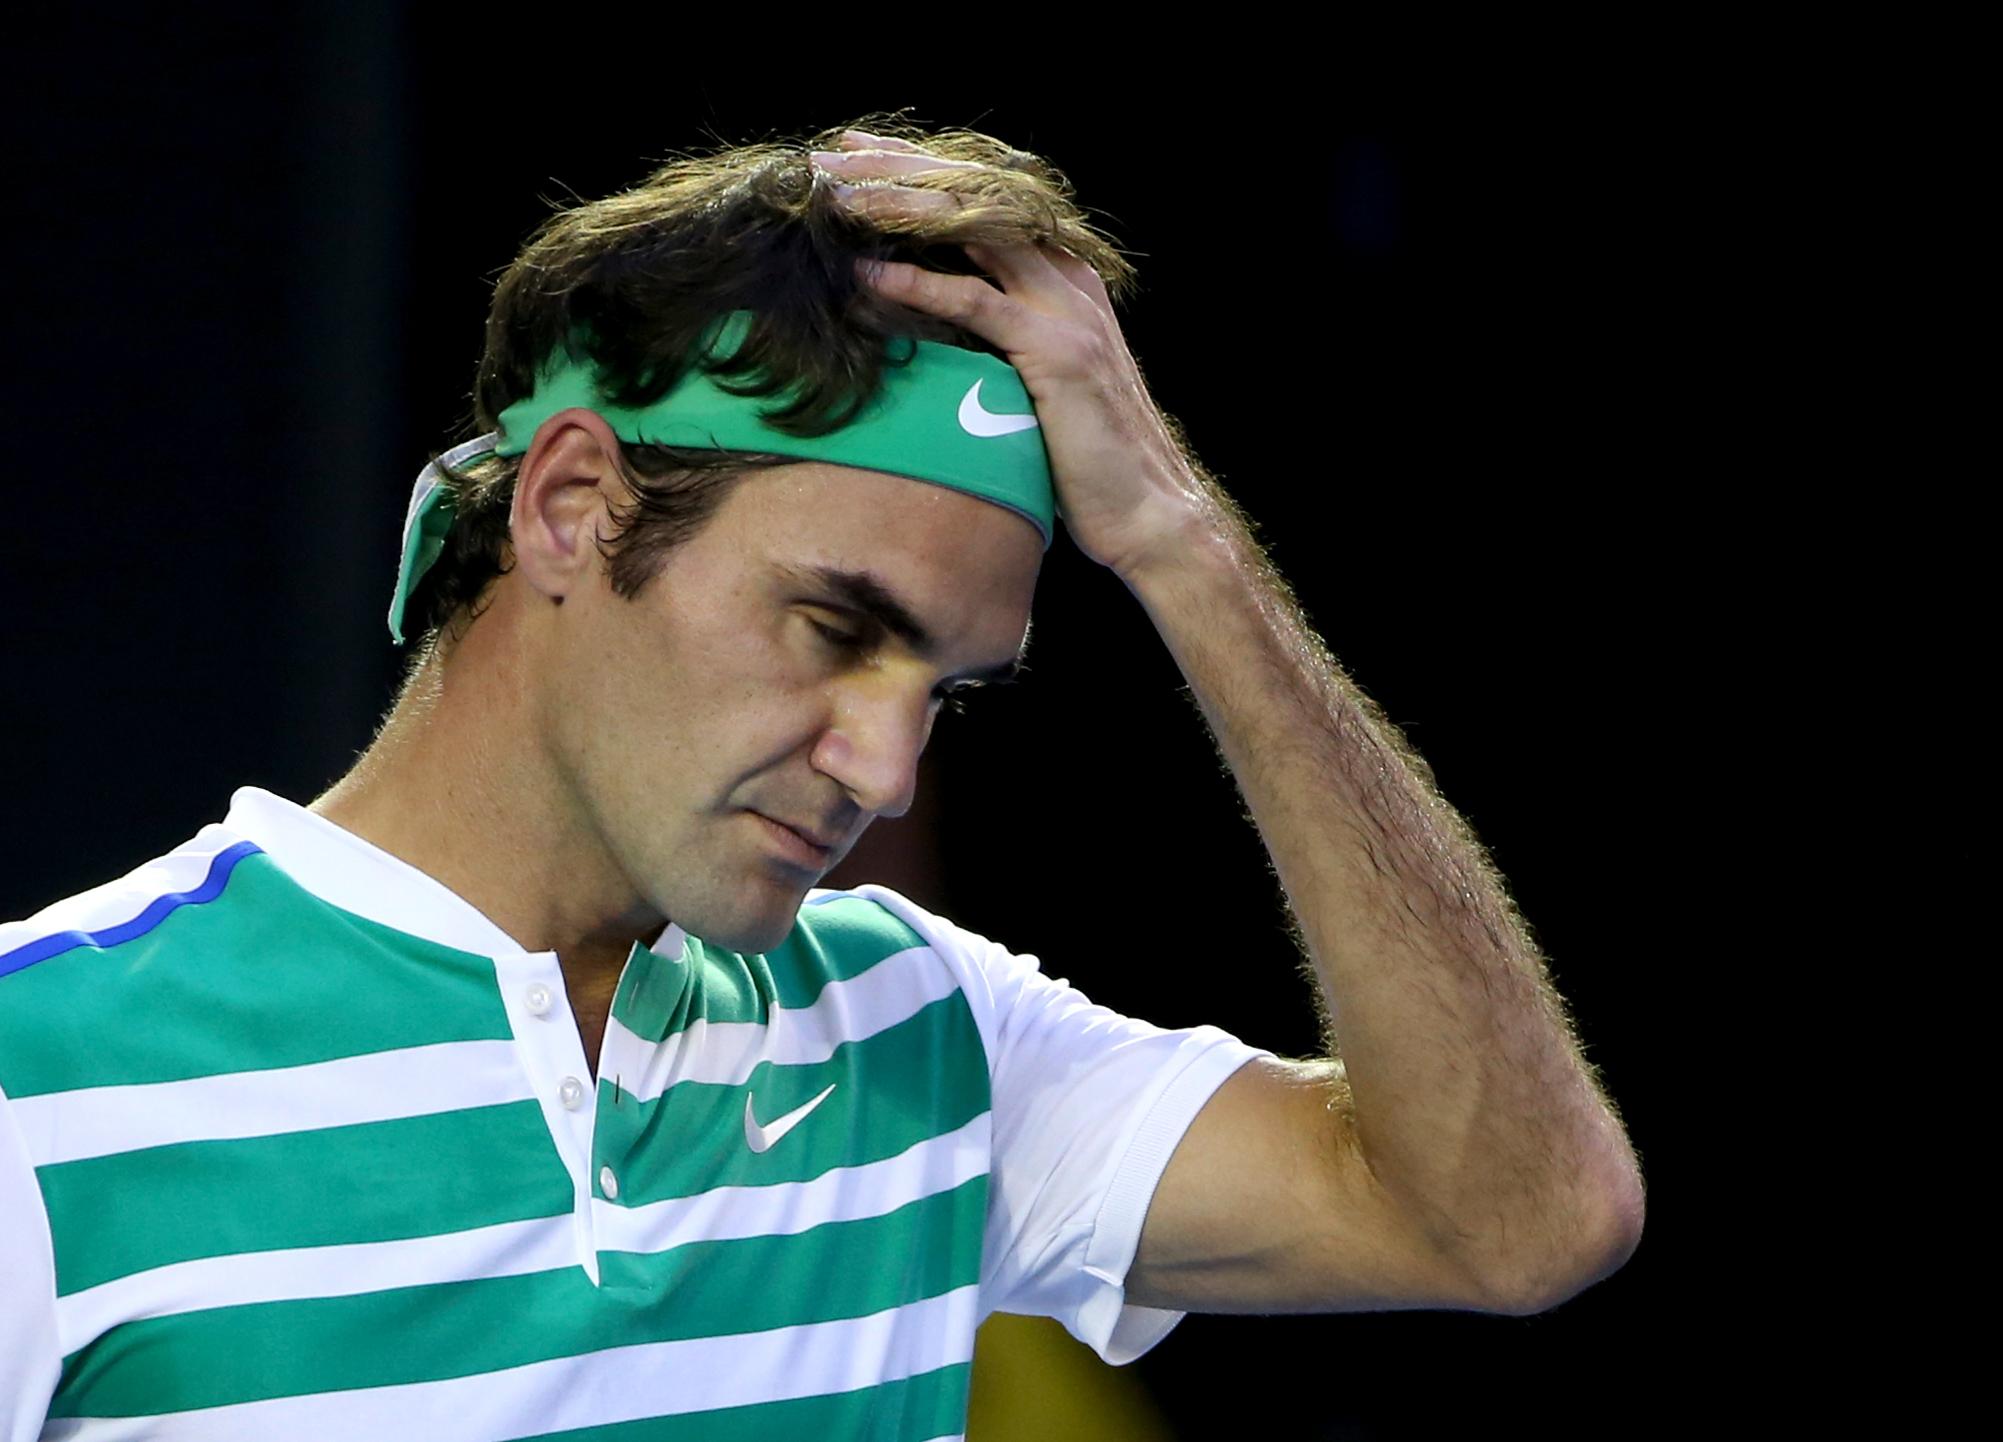 australian_open_tennis190084319685_r3149.jpg